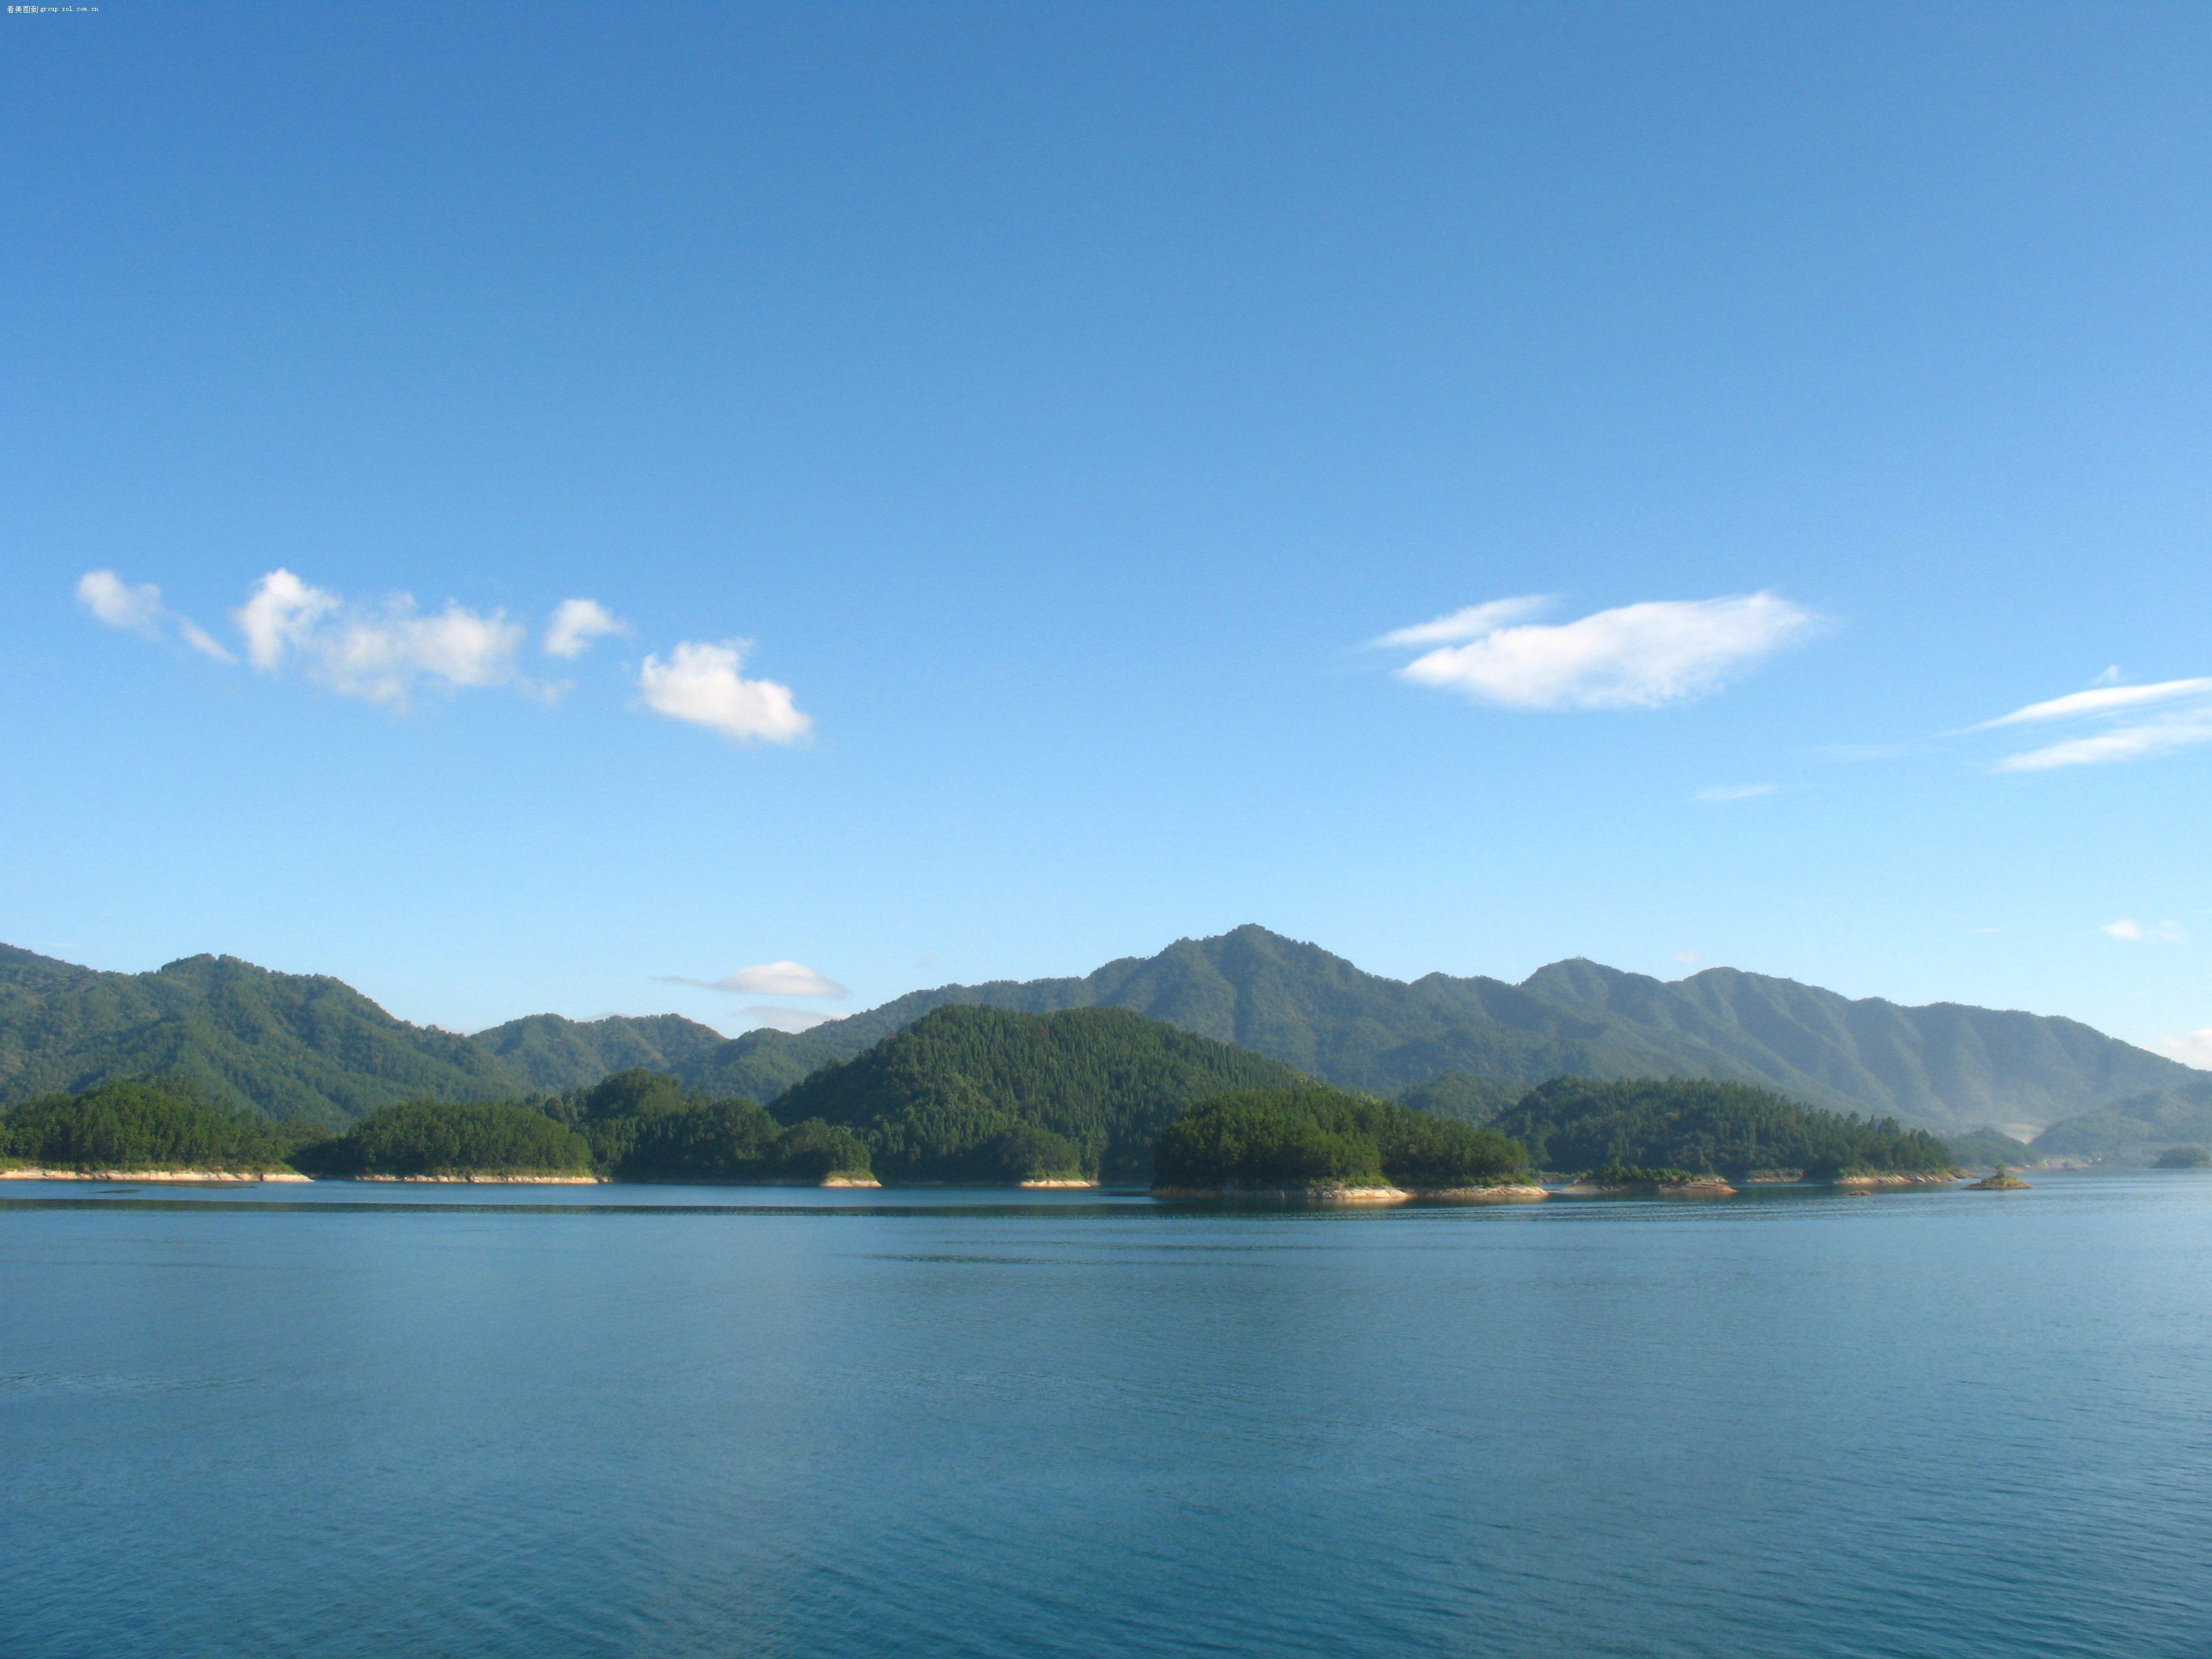 【千岛湖的风景】- 论坛-zol中关村在线